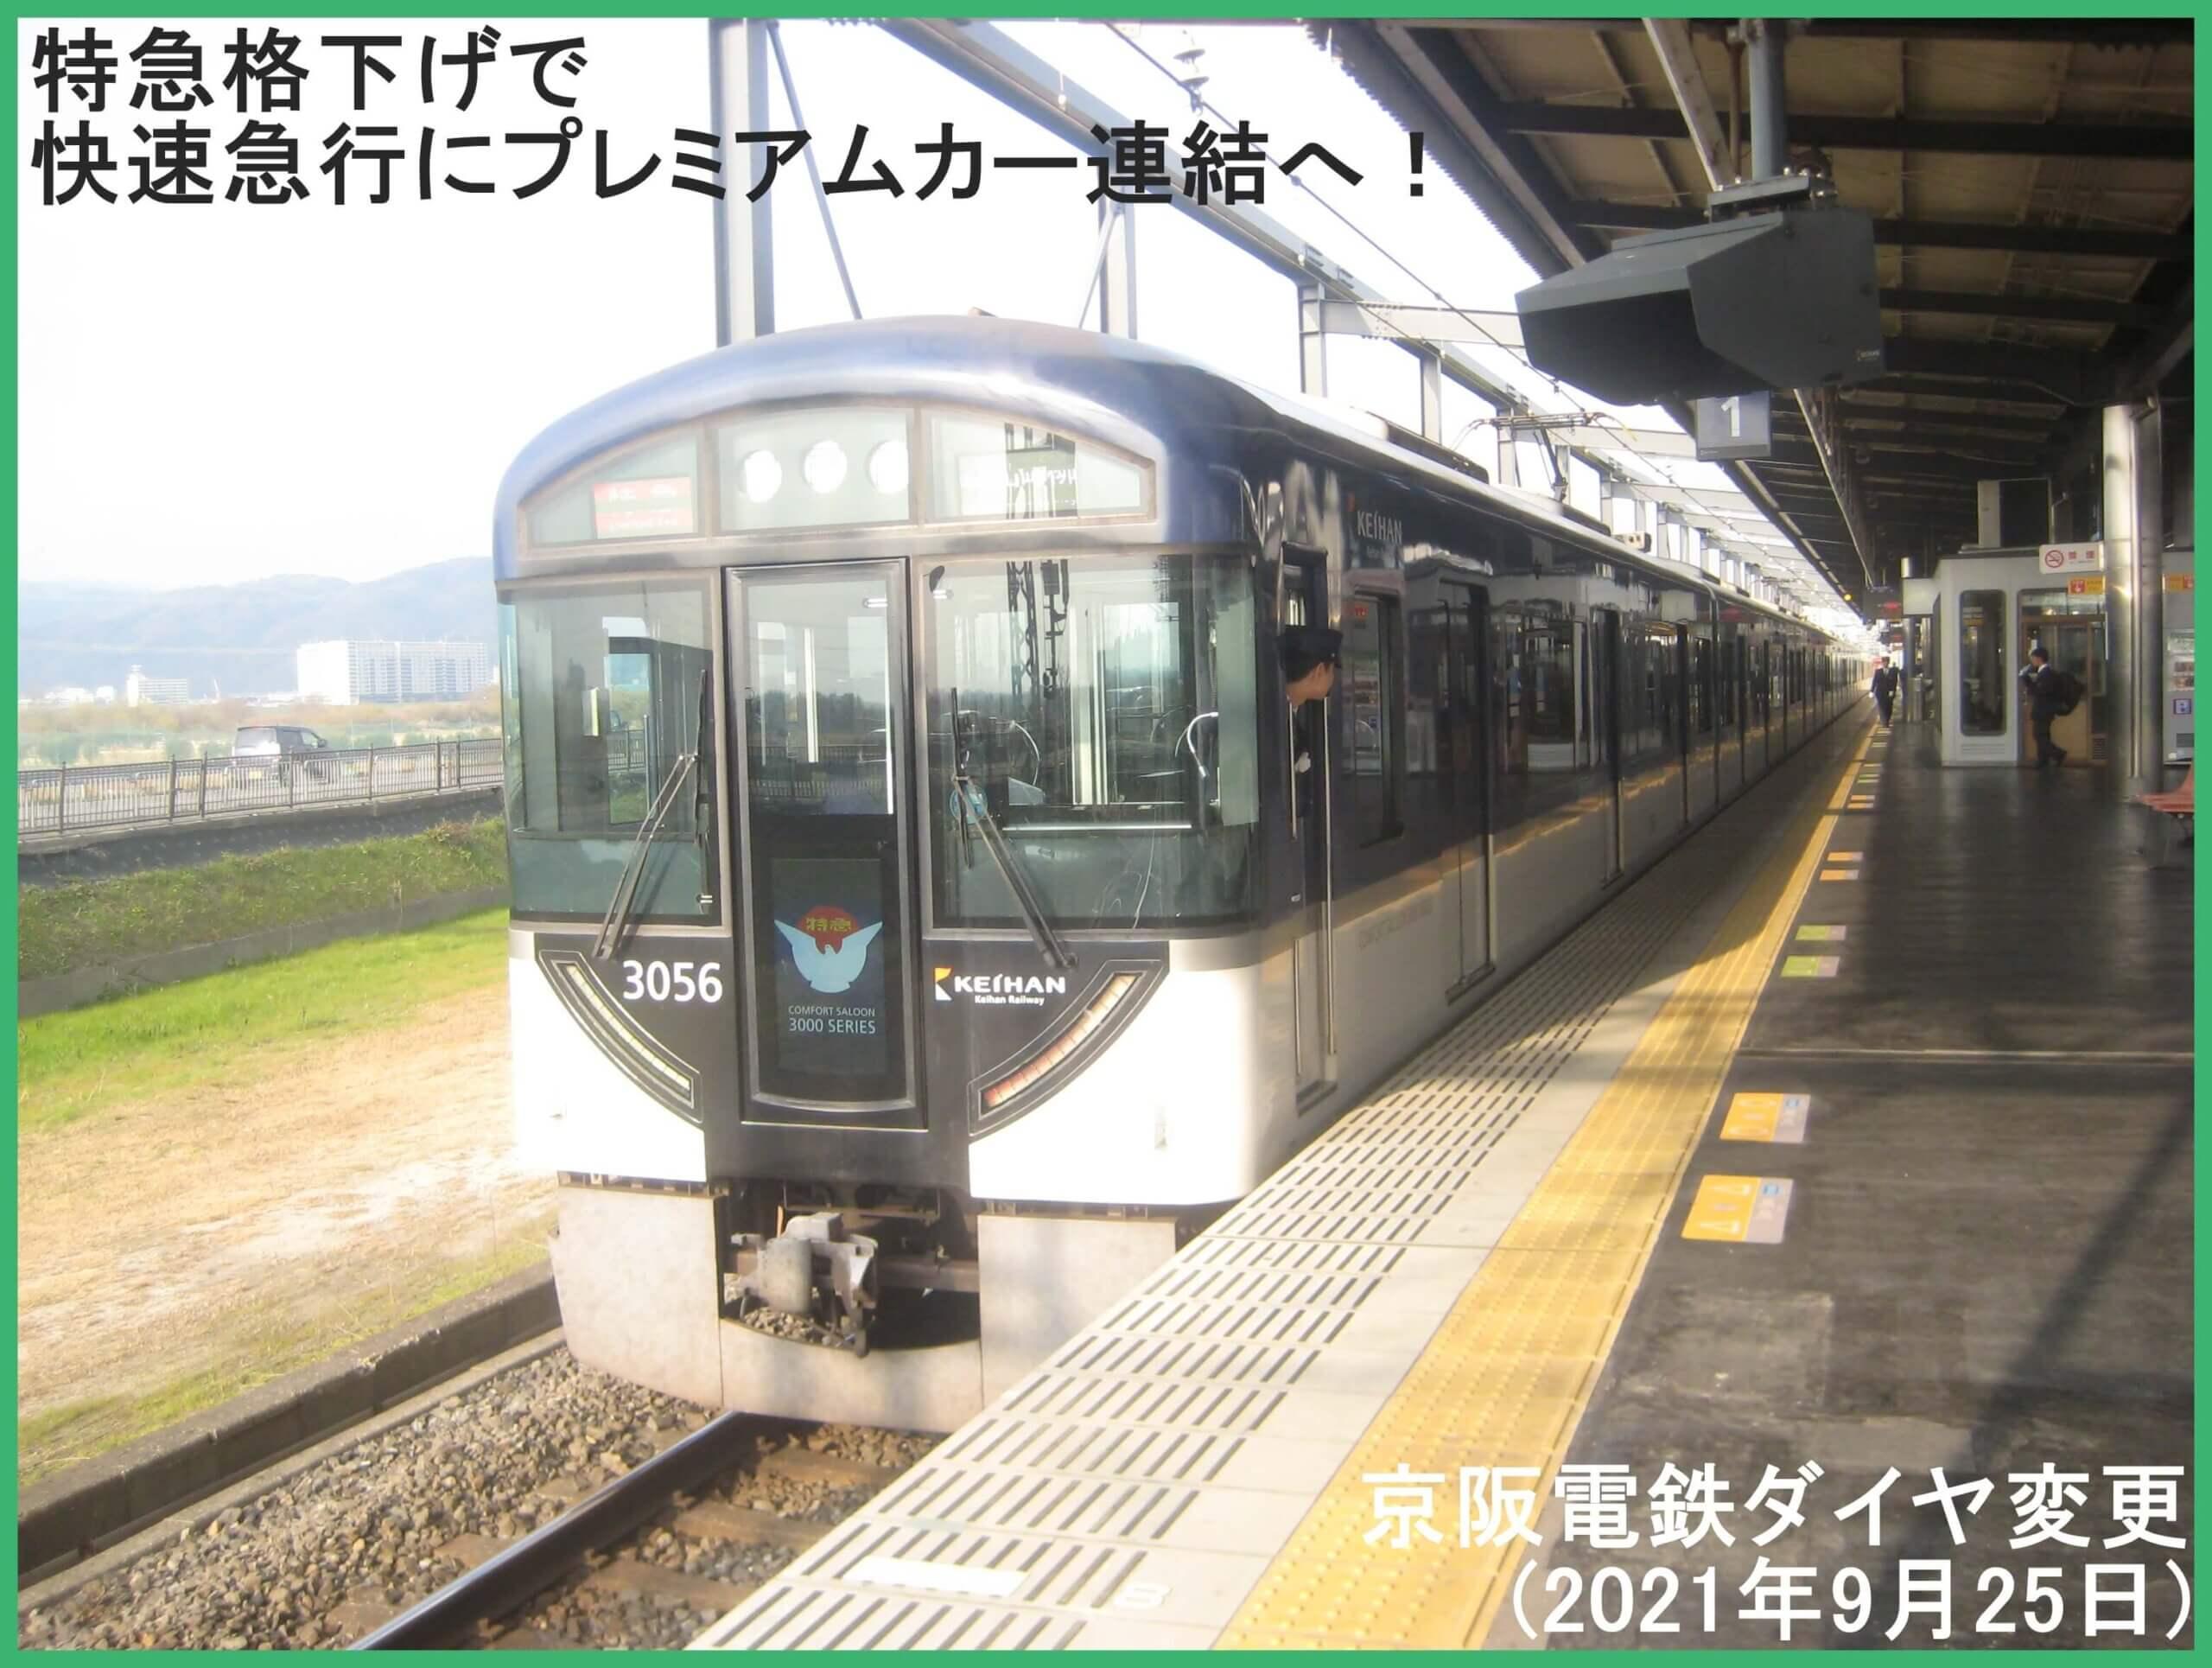 特急格下げで快速急行にプレミアムカー連結へ! 京阪電鉄ダイヤ変更(2021年9月25日)